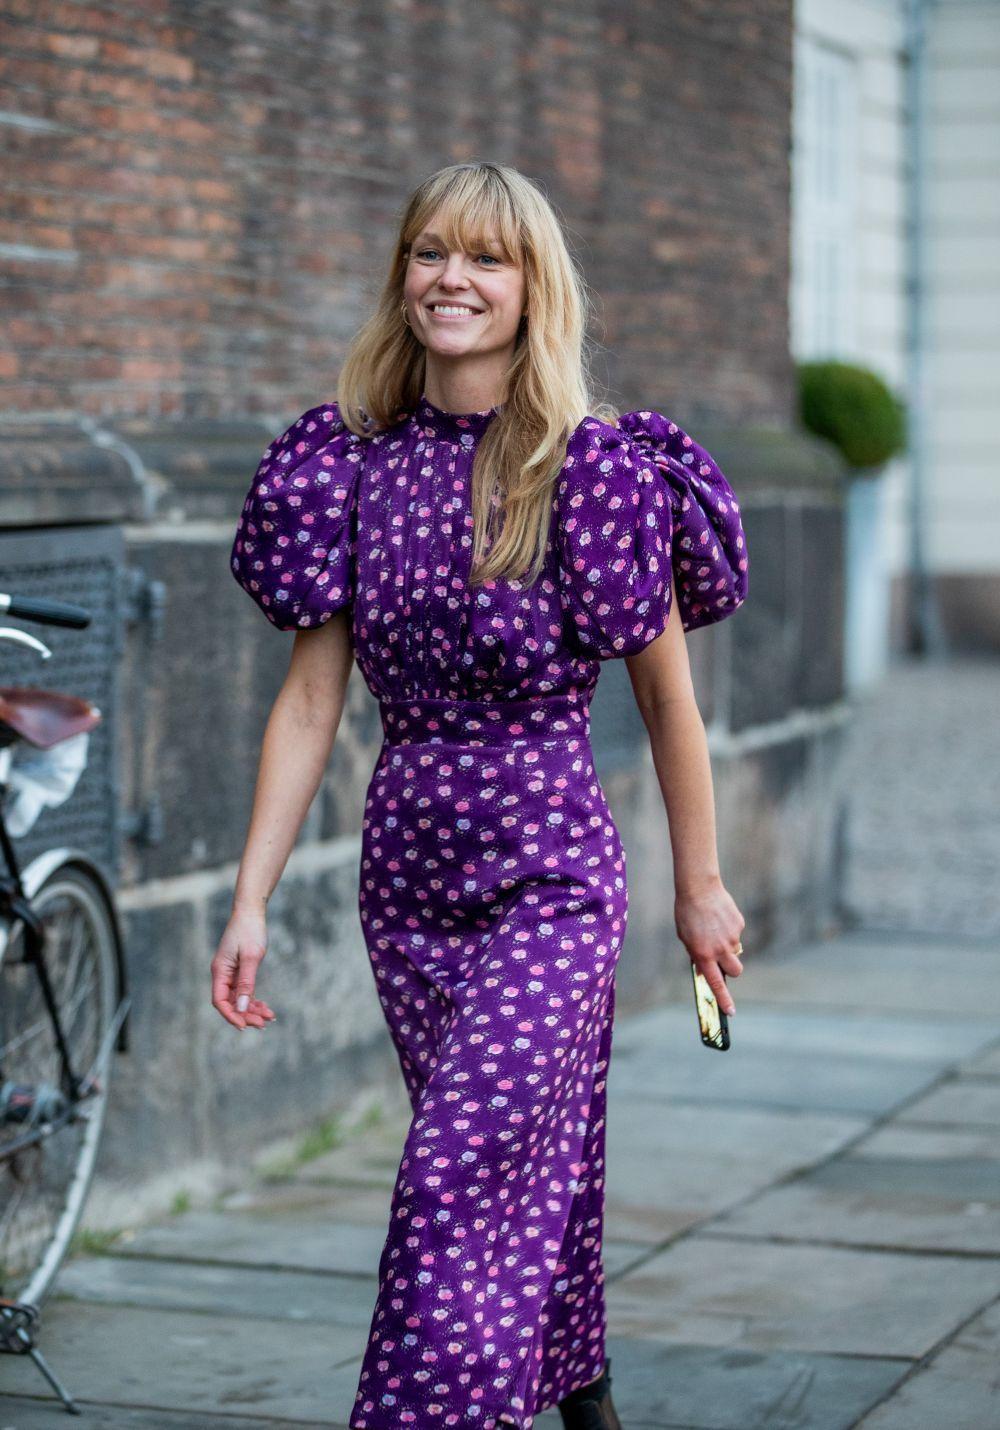 Jeanette Madsen con un vestido de mangas abullonadas